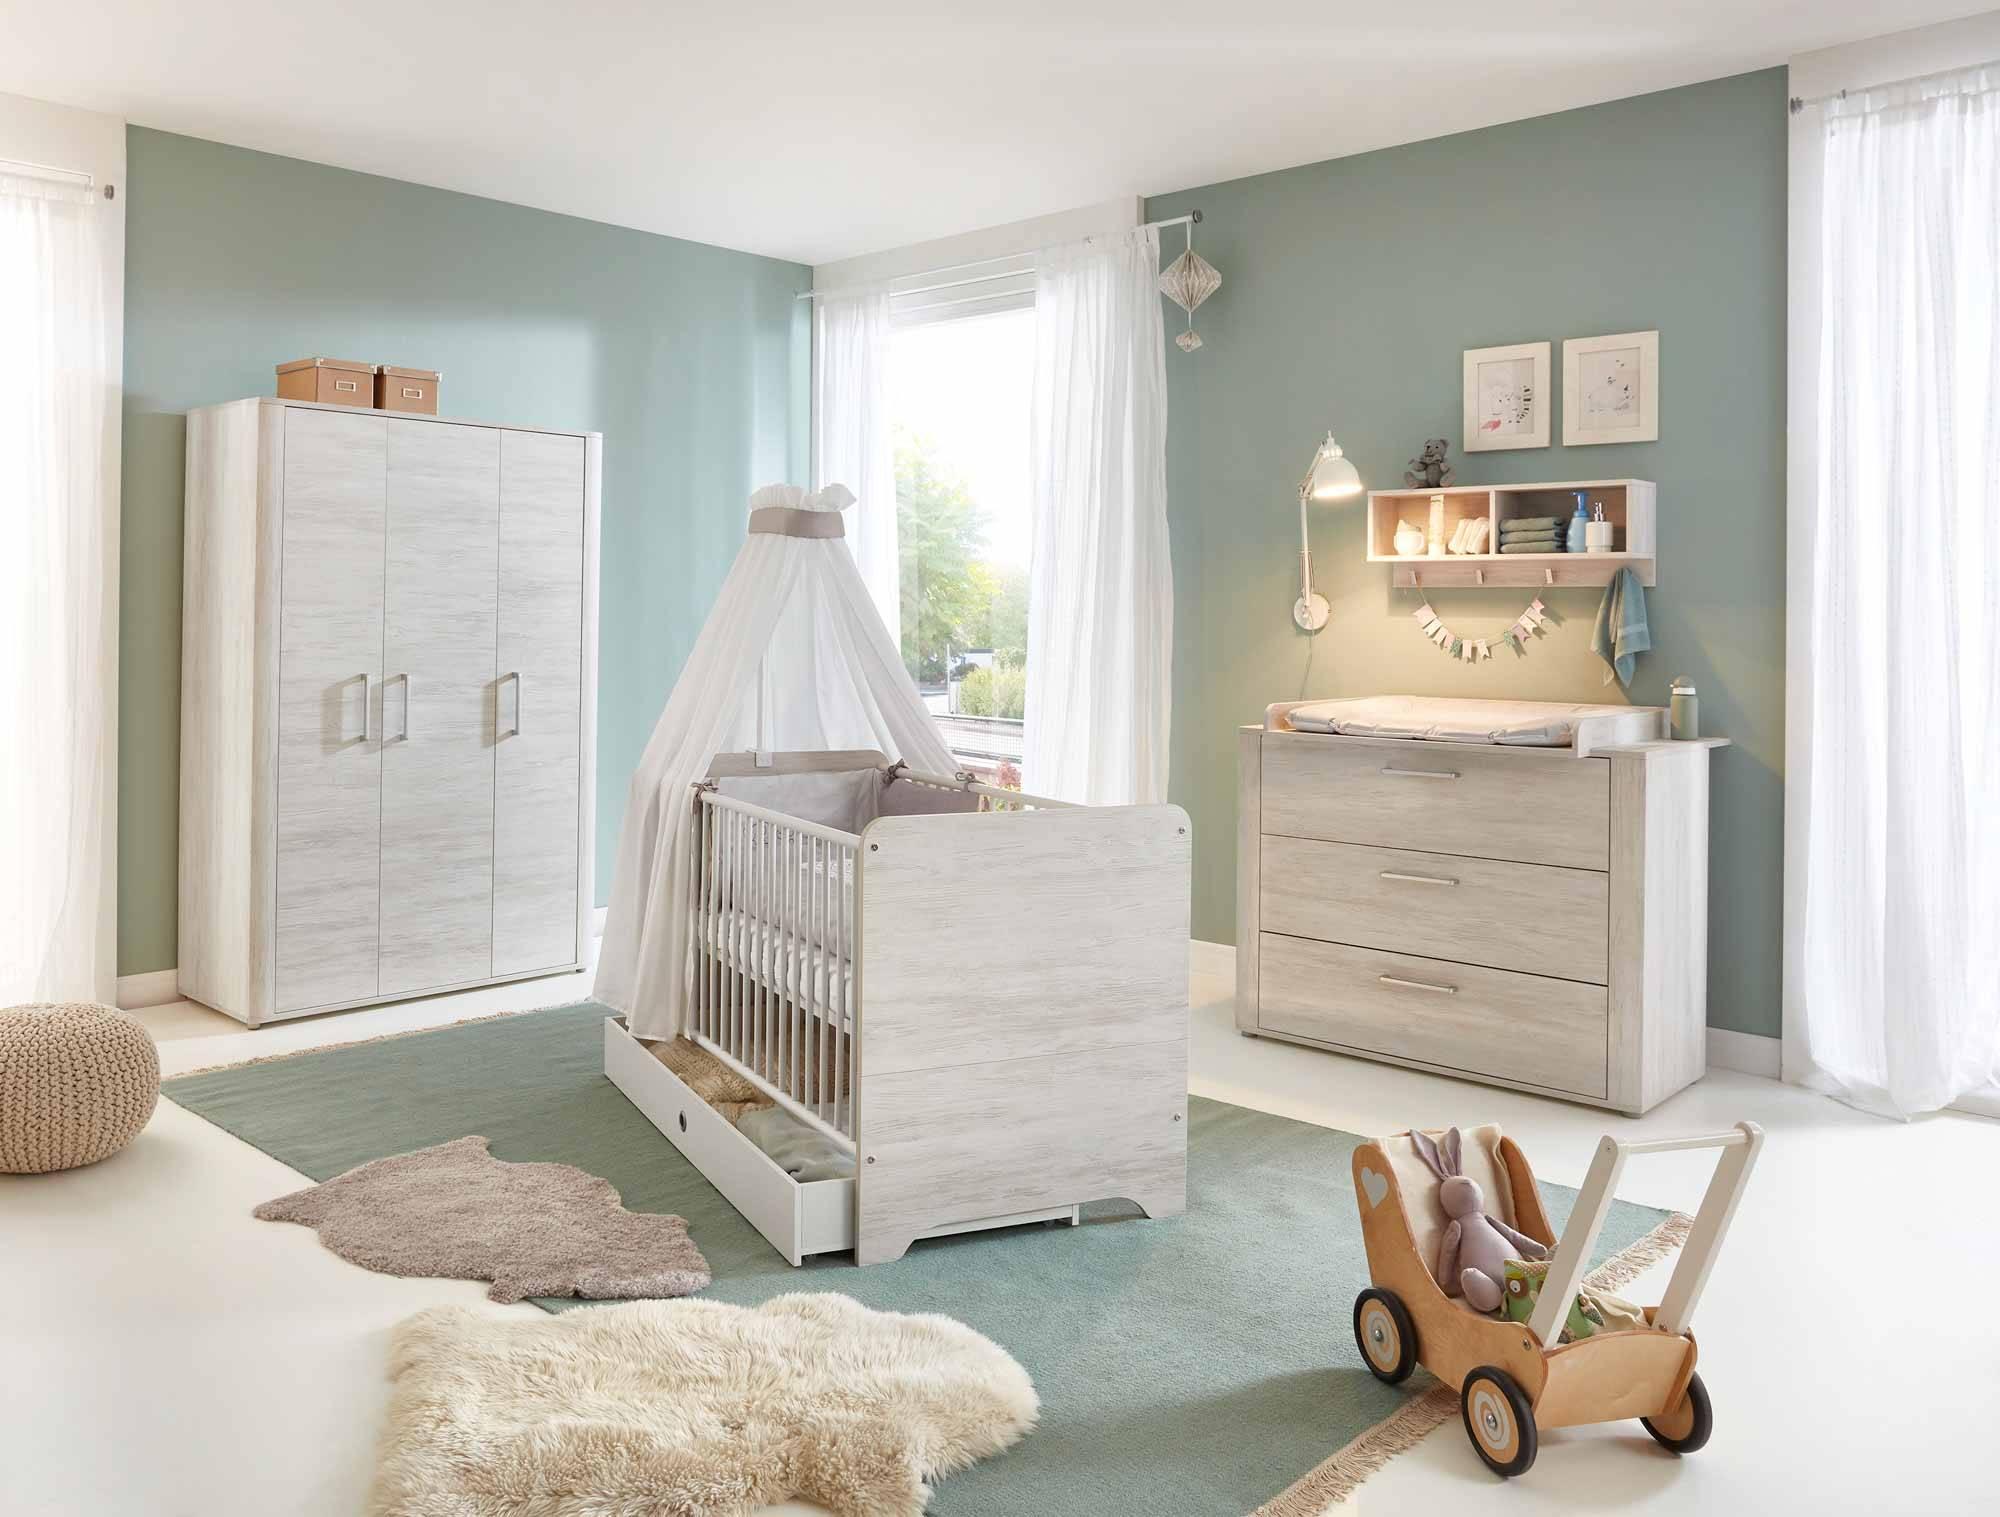 Full Size of Babyzimmer Komplett Set 4 Teilig Light Wood Nachbildung Gnstig Schlafzimmer Mit Lattenrost Und Matratze Sofa Kinderzimmer Günstiges Kaufen Günstig Regal Kinderzimmer Kinderzimmer Komplett Günstig